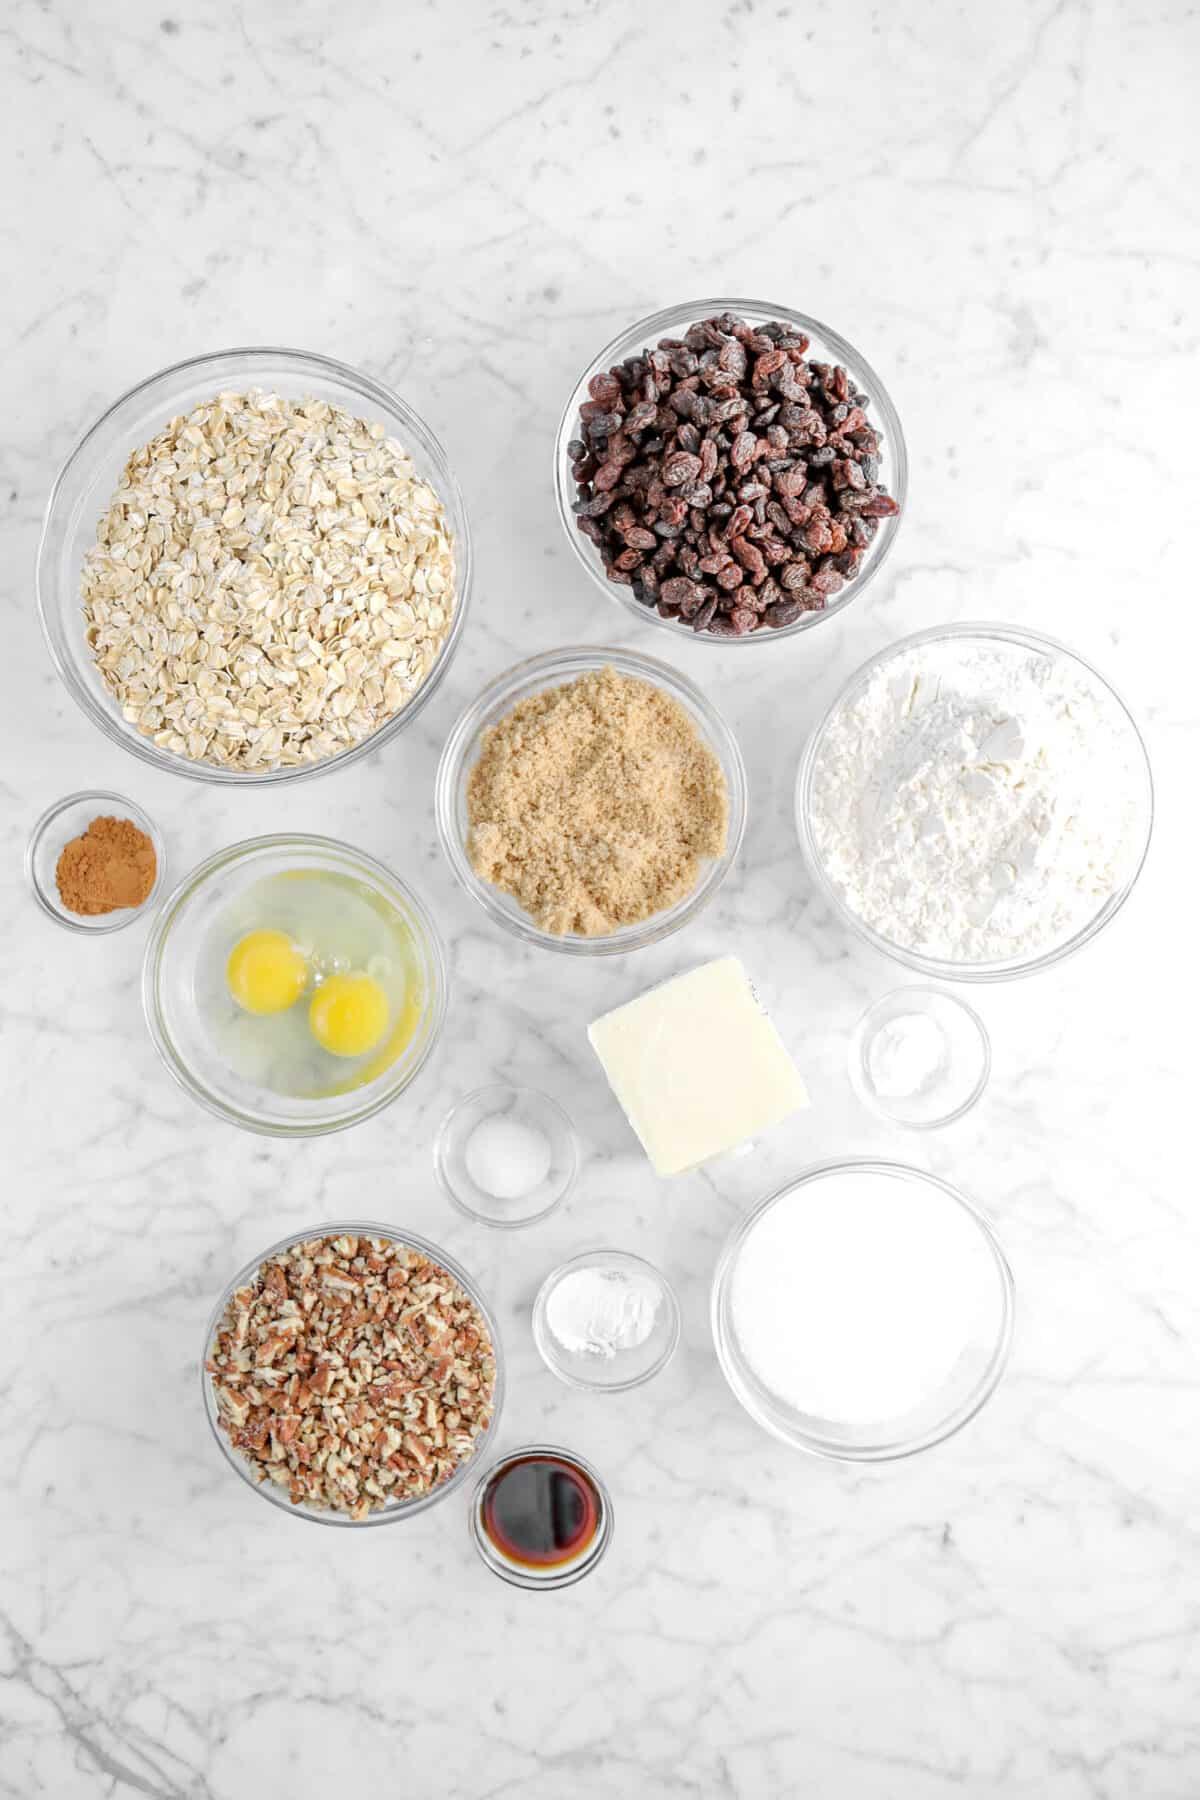 raisins, oats, flour, brown sugar, cinnamon, eggs, butter, salt, baking powder, baking soda, sugar, chopped pecans, and vanilla in glass bowls